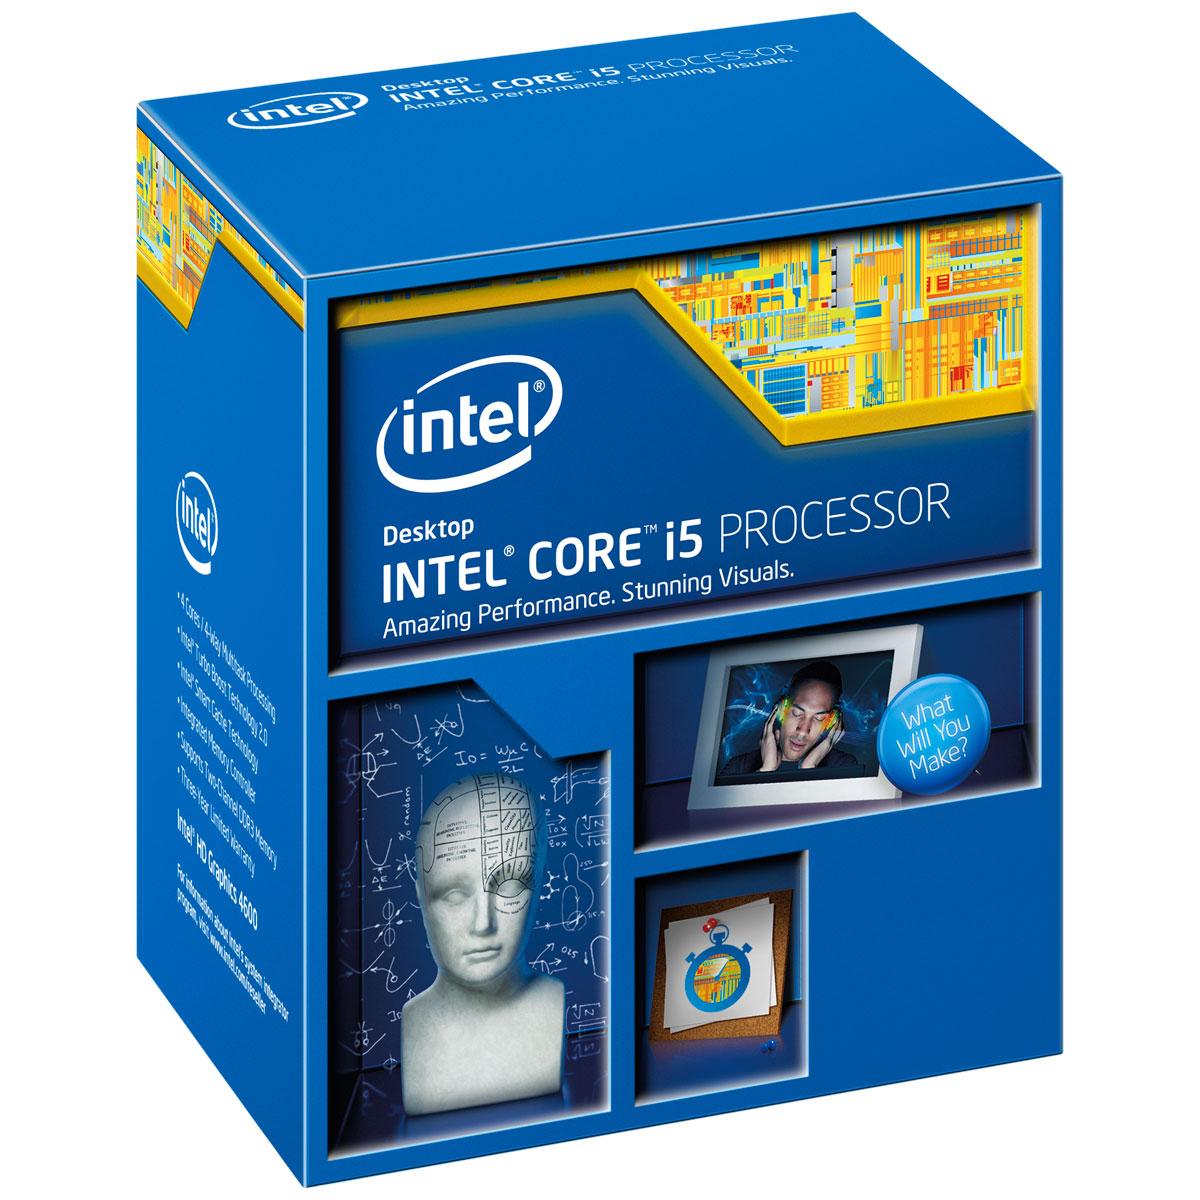 Processeur Intel Core i5-4430 (3.0 GHz) Processeur Quad Core Socket 1150 Cache L3 6 Mo Intel HD Graphics 4600 0.022 micron (version boîte - garantie Intel 3 ans)